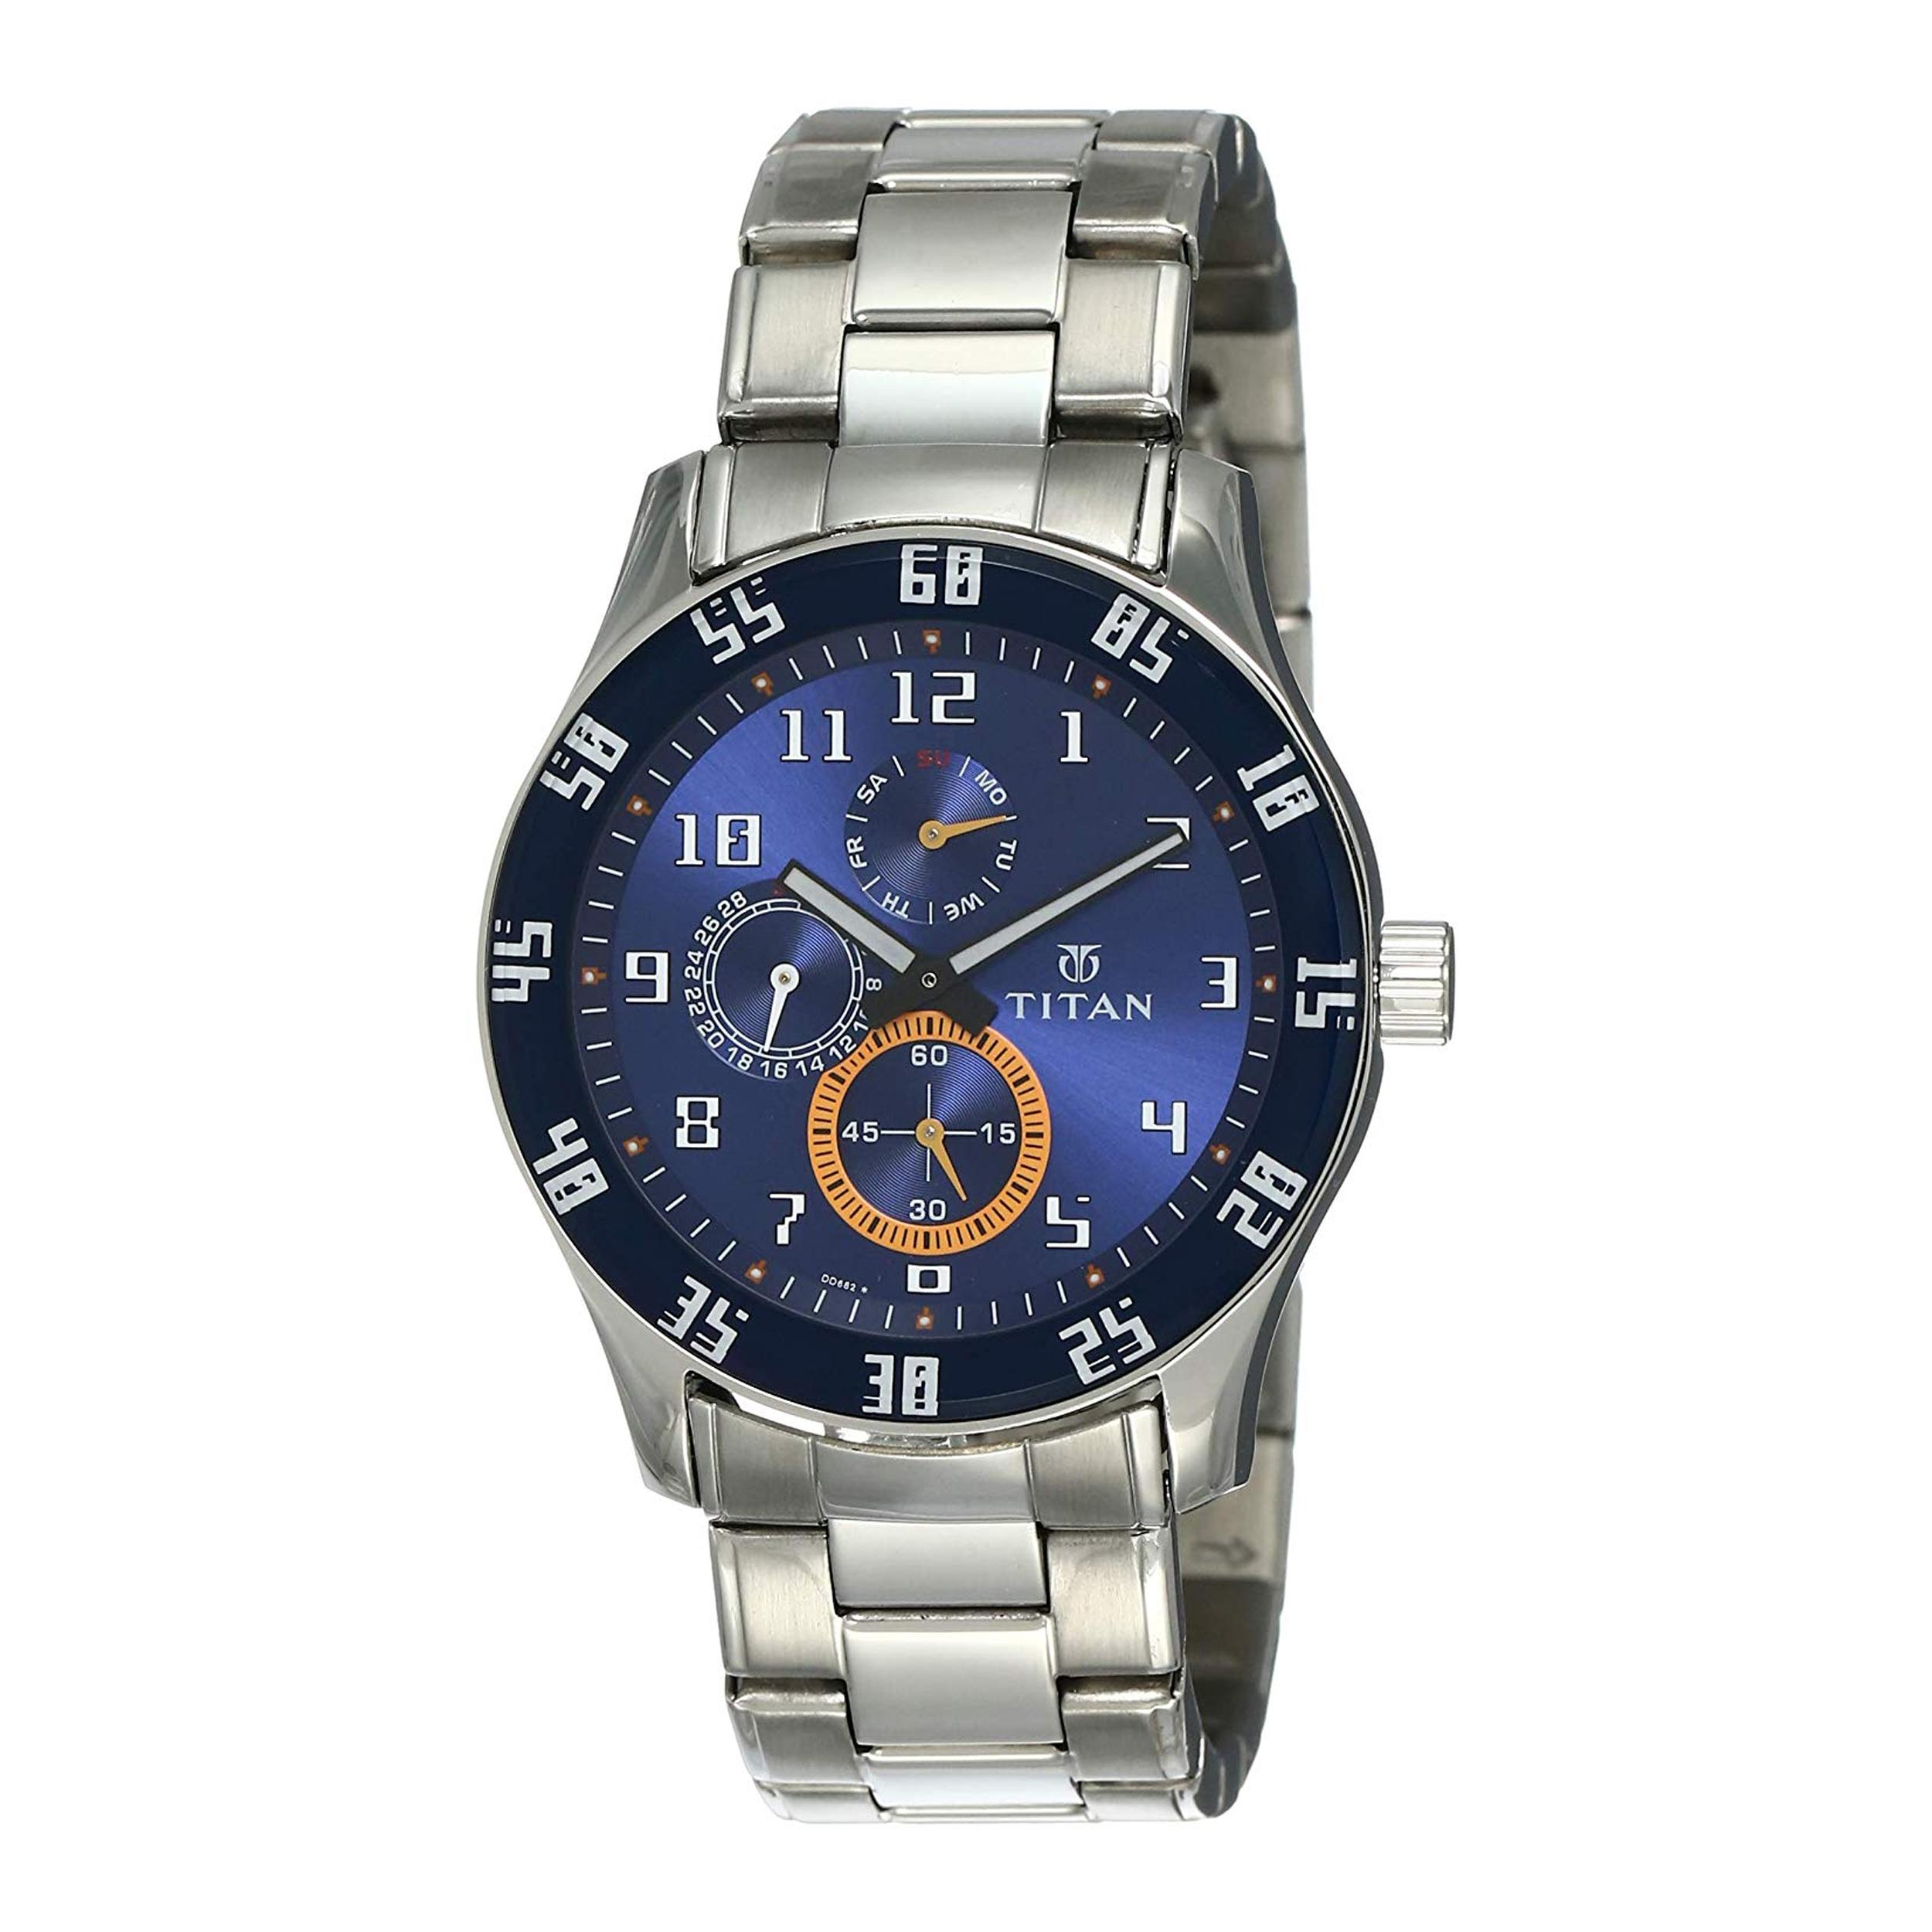 ساعت مچی عقربه ای مردانه تیتان مدل T1632SM03